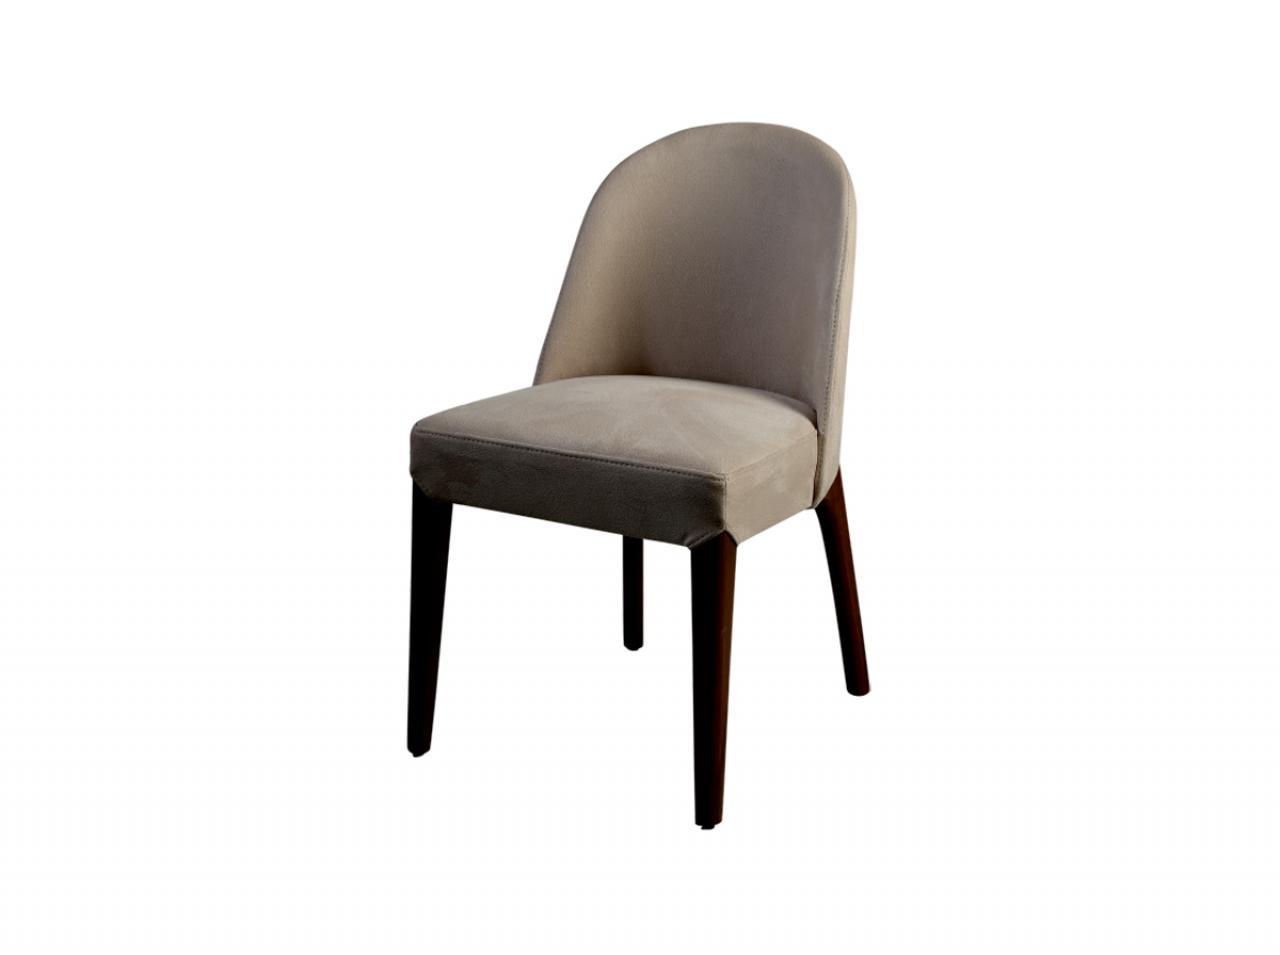 330 Sandalye - Sandalyeler